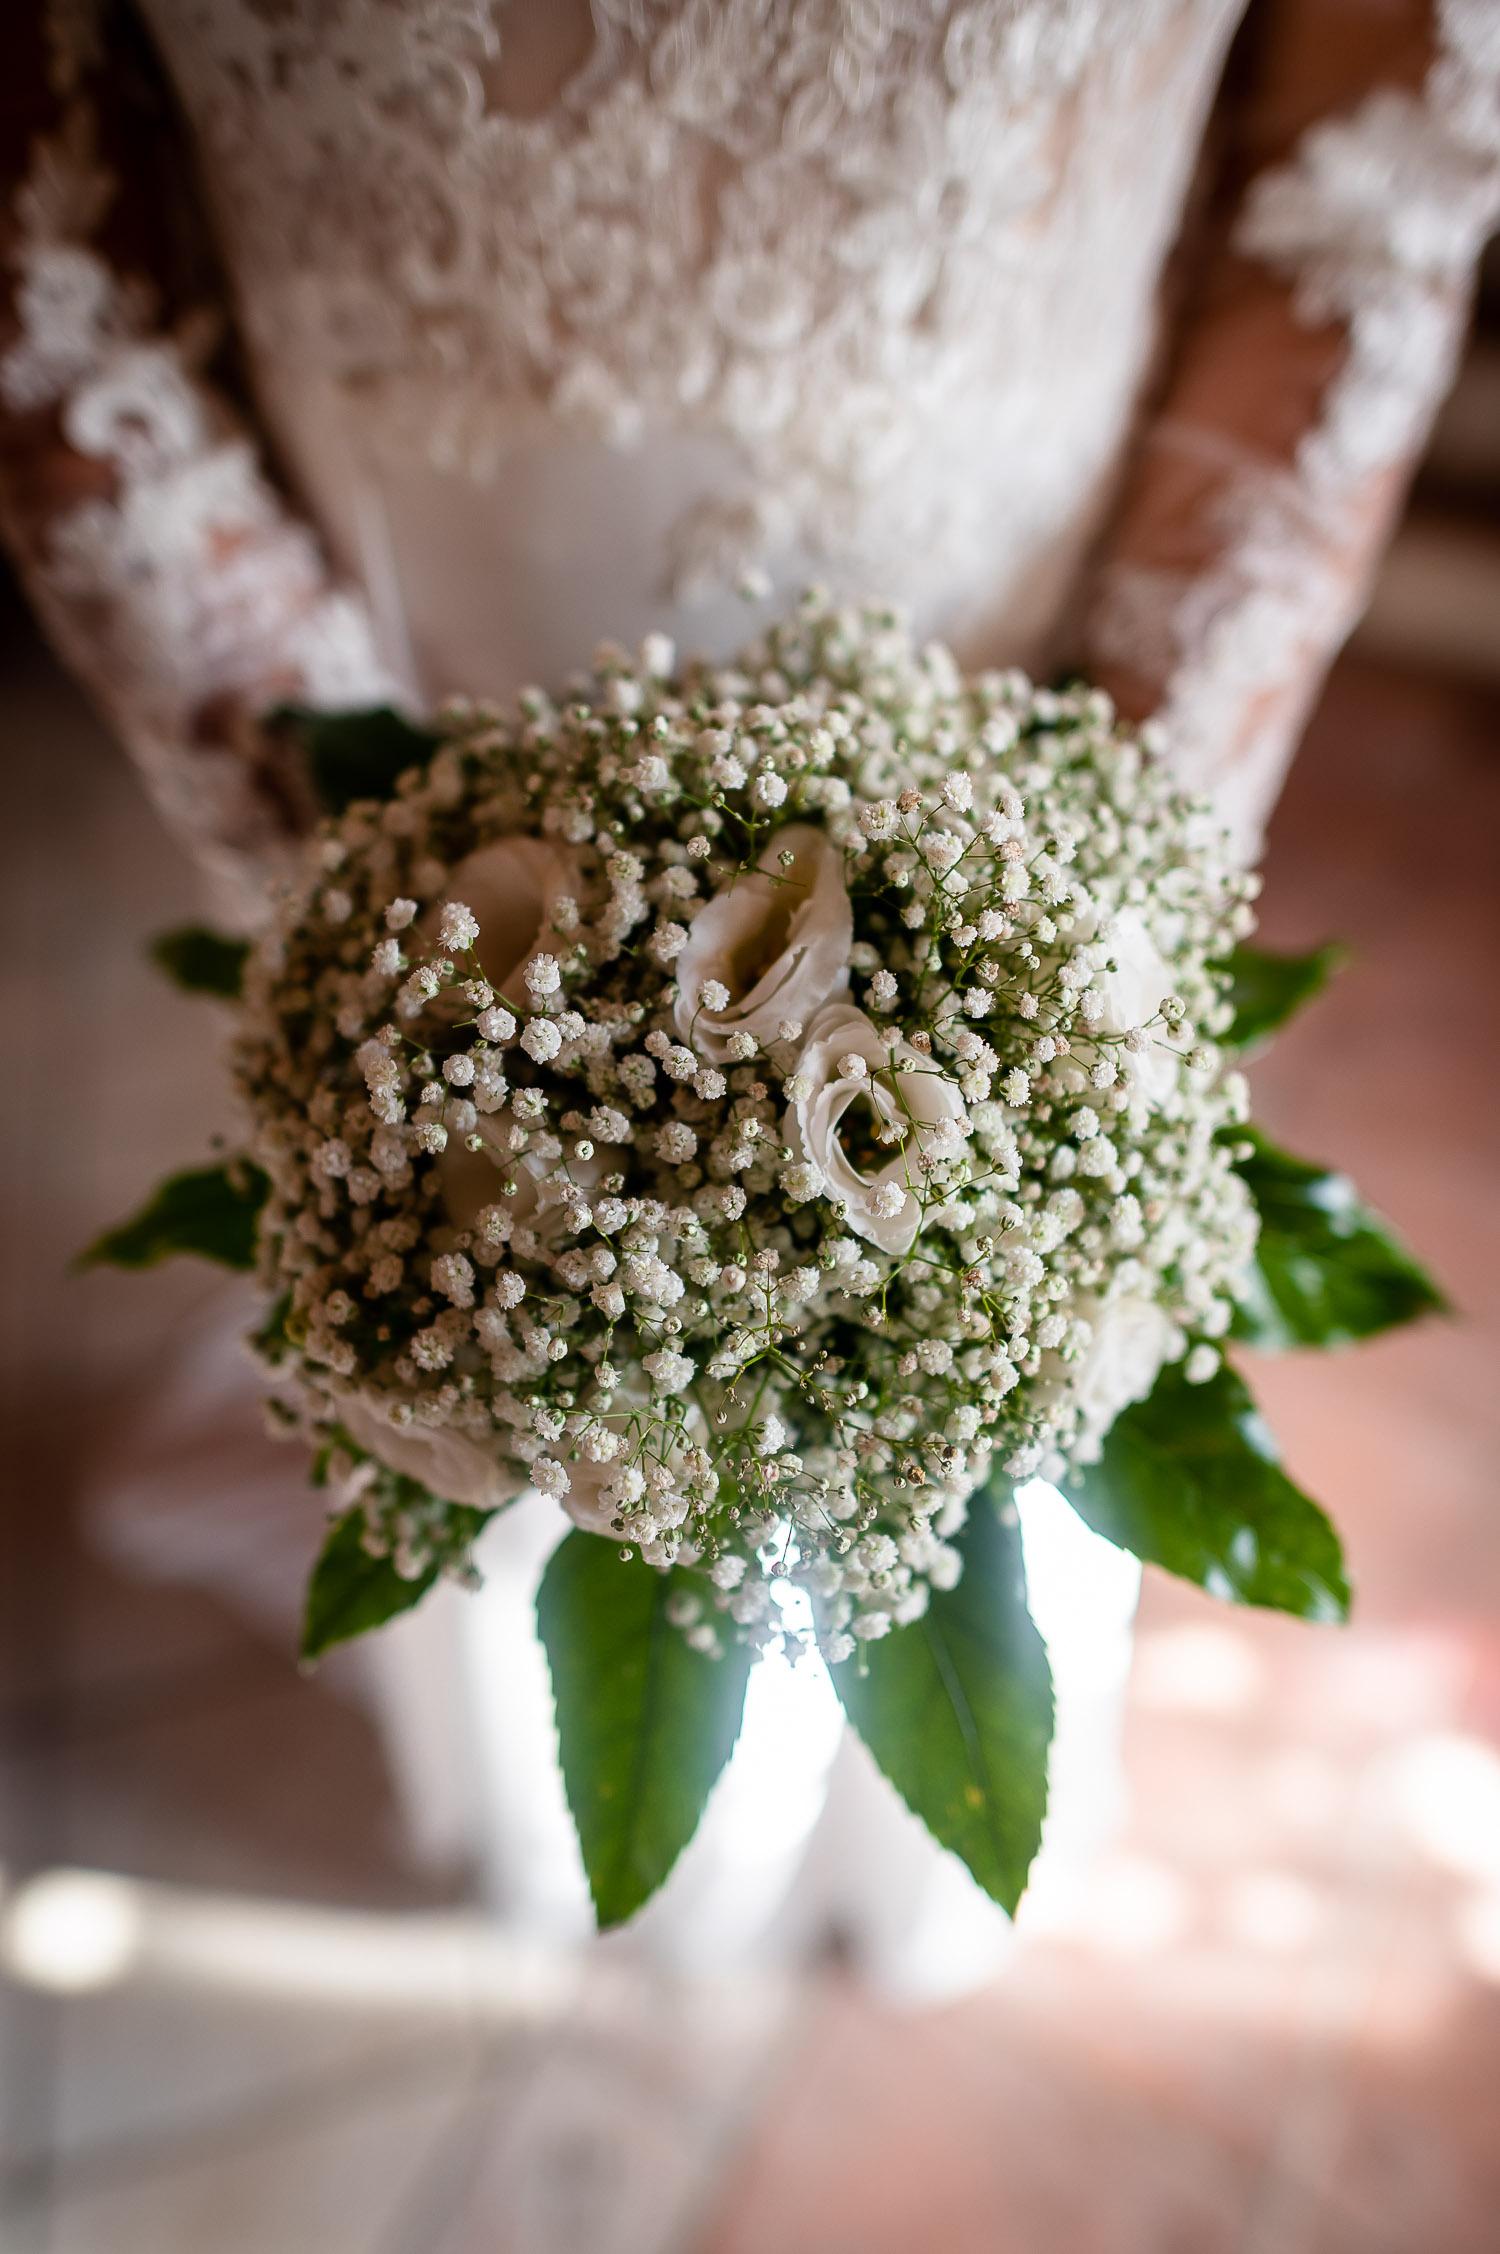 Matrimonio-romantico-in-piemonte-Cumiana-Paolo-Mantovan-fotografia-0052